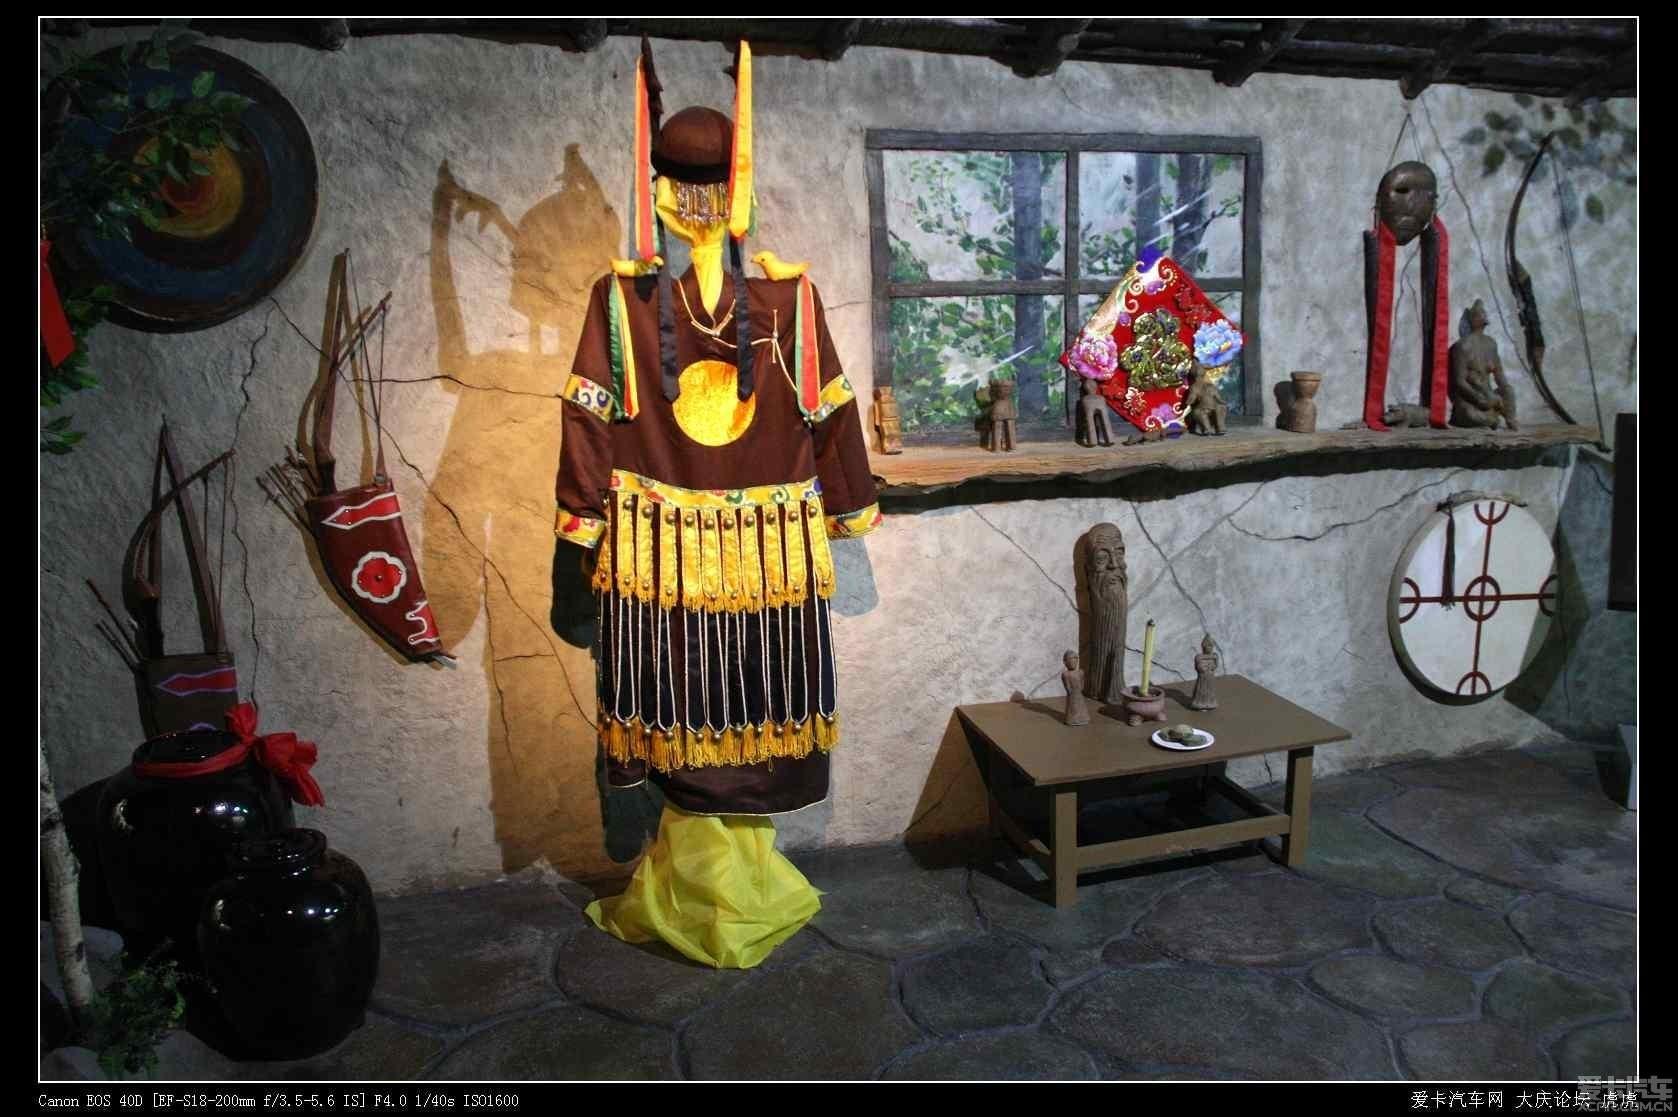 萨满跳大神黄大仙_萨满; 萨满教是我国古代北方民族普遍信仰的一种原始; 萨满跳大神图片